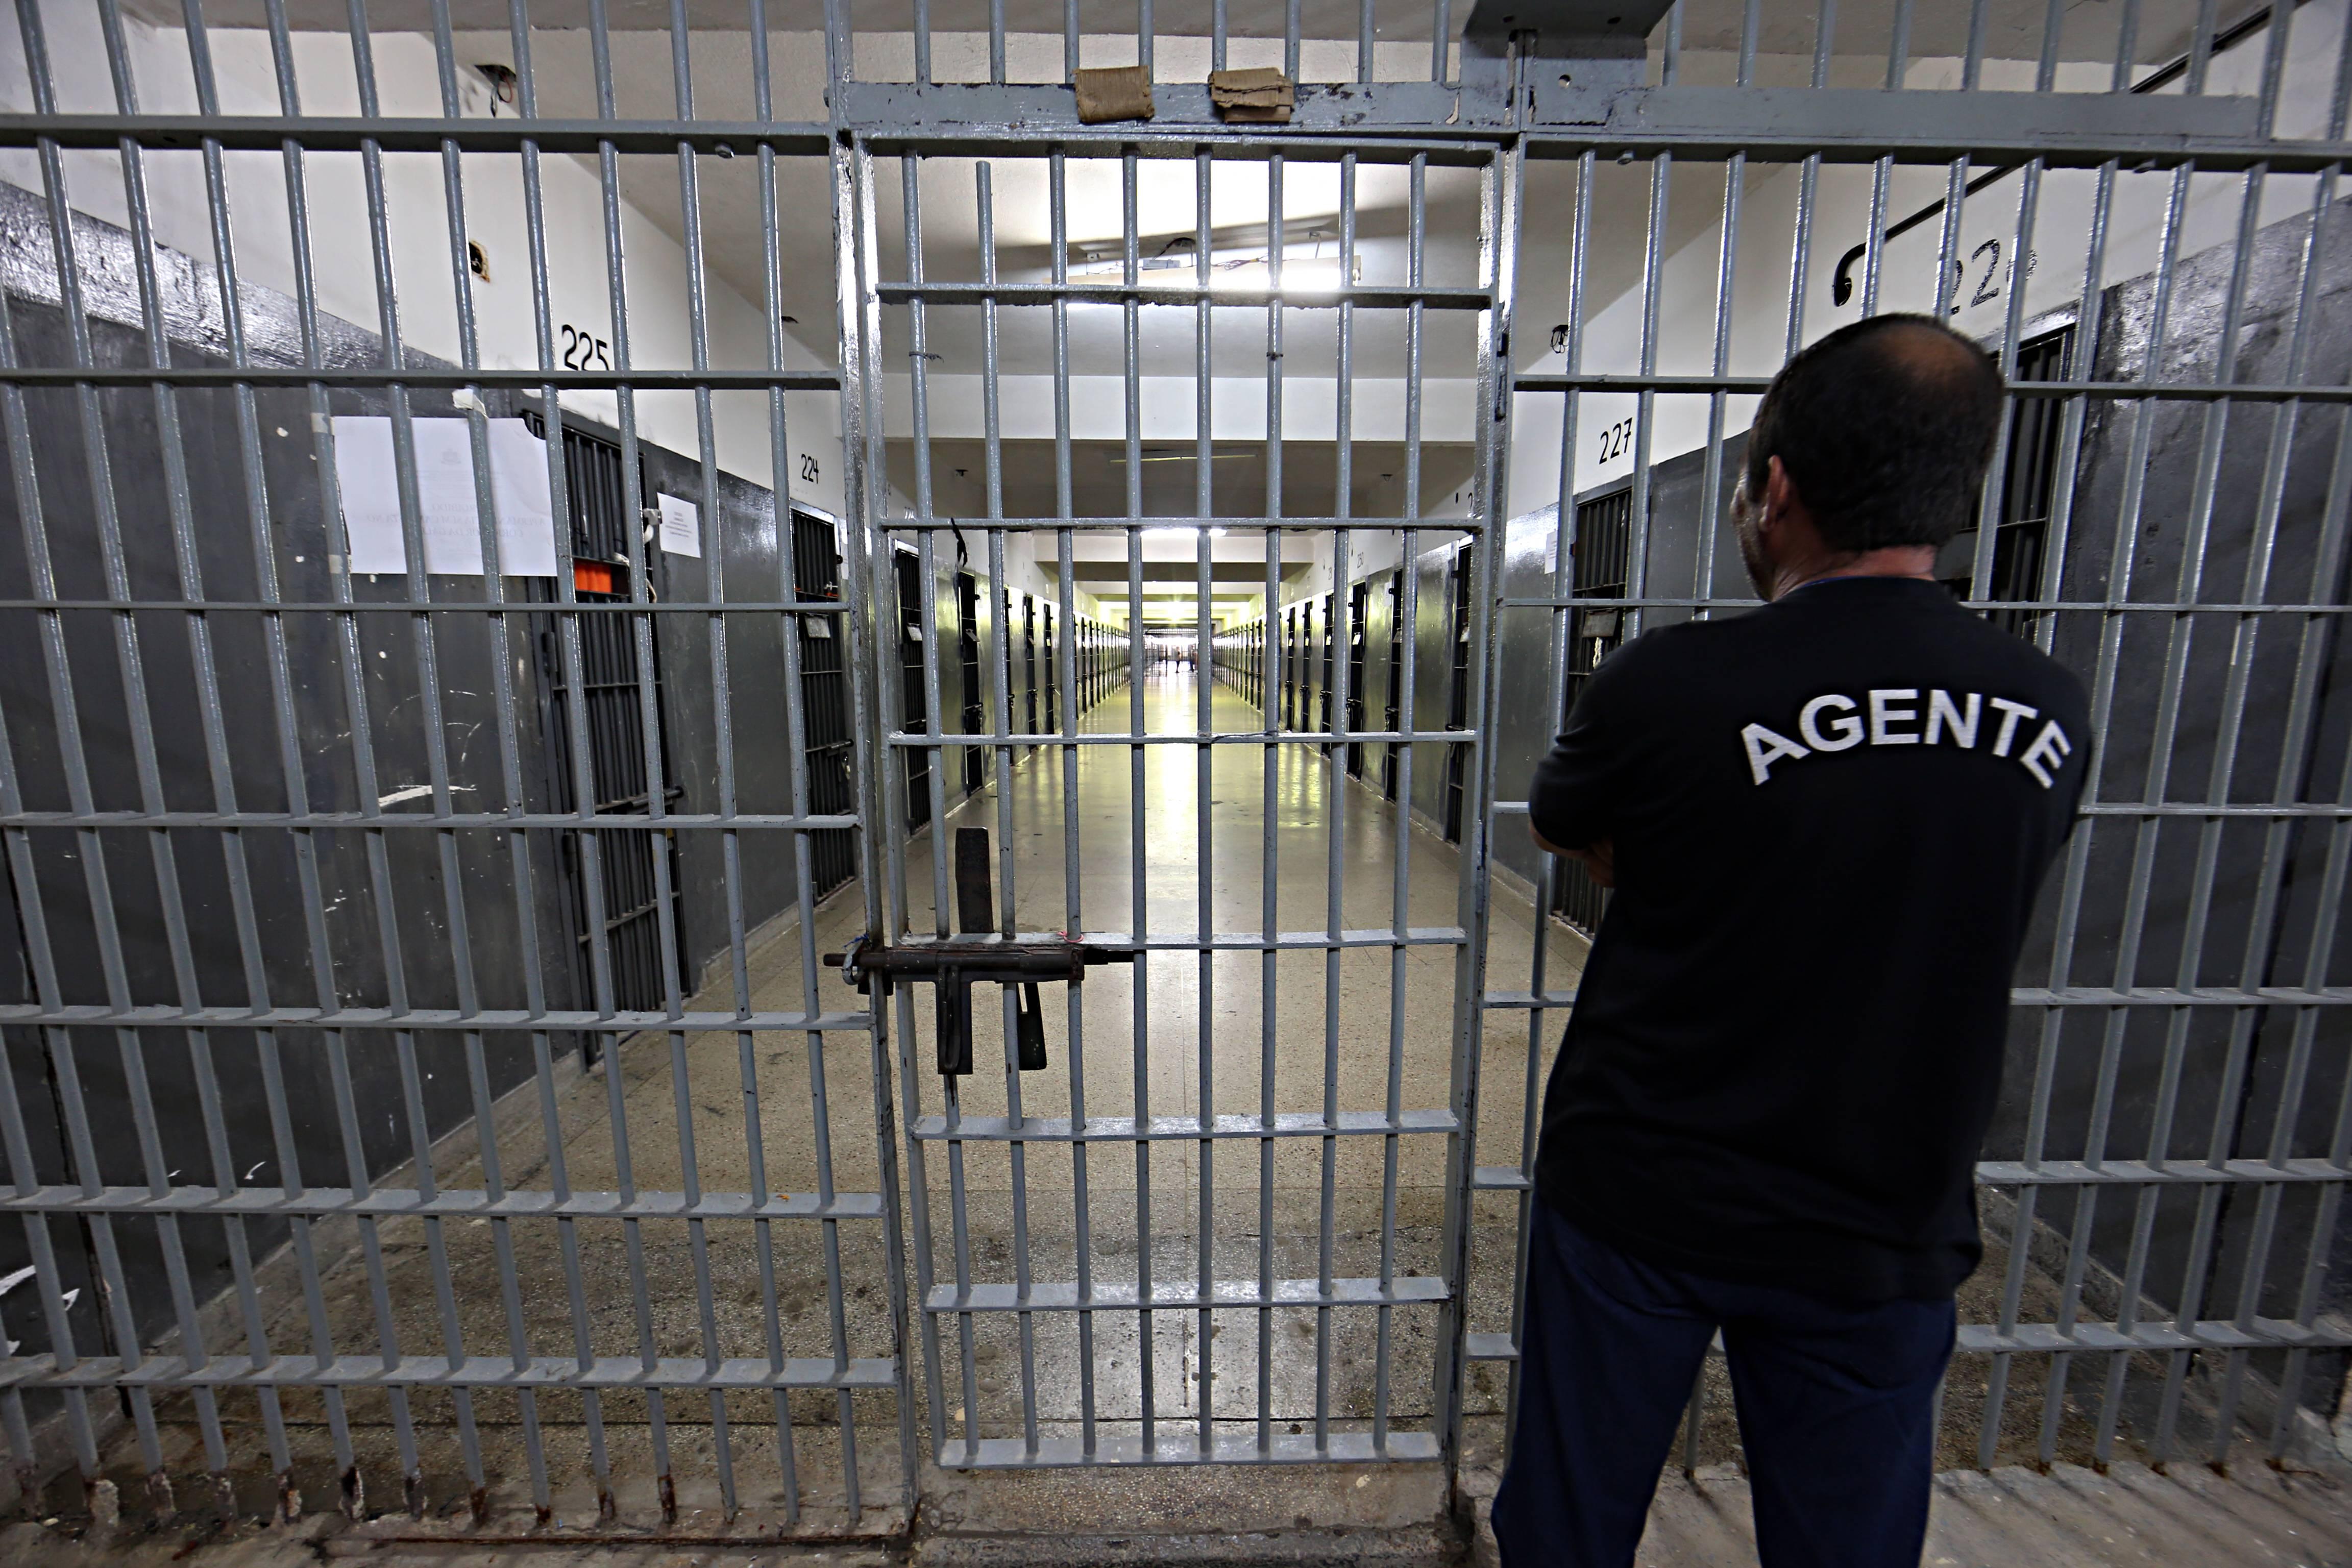 Agente dentro de presídio no Paraná.